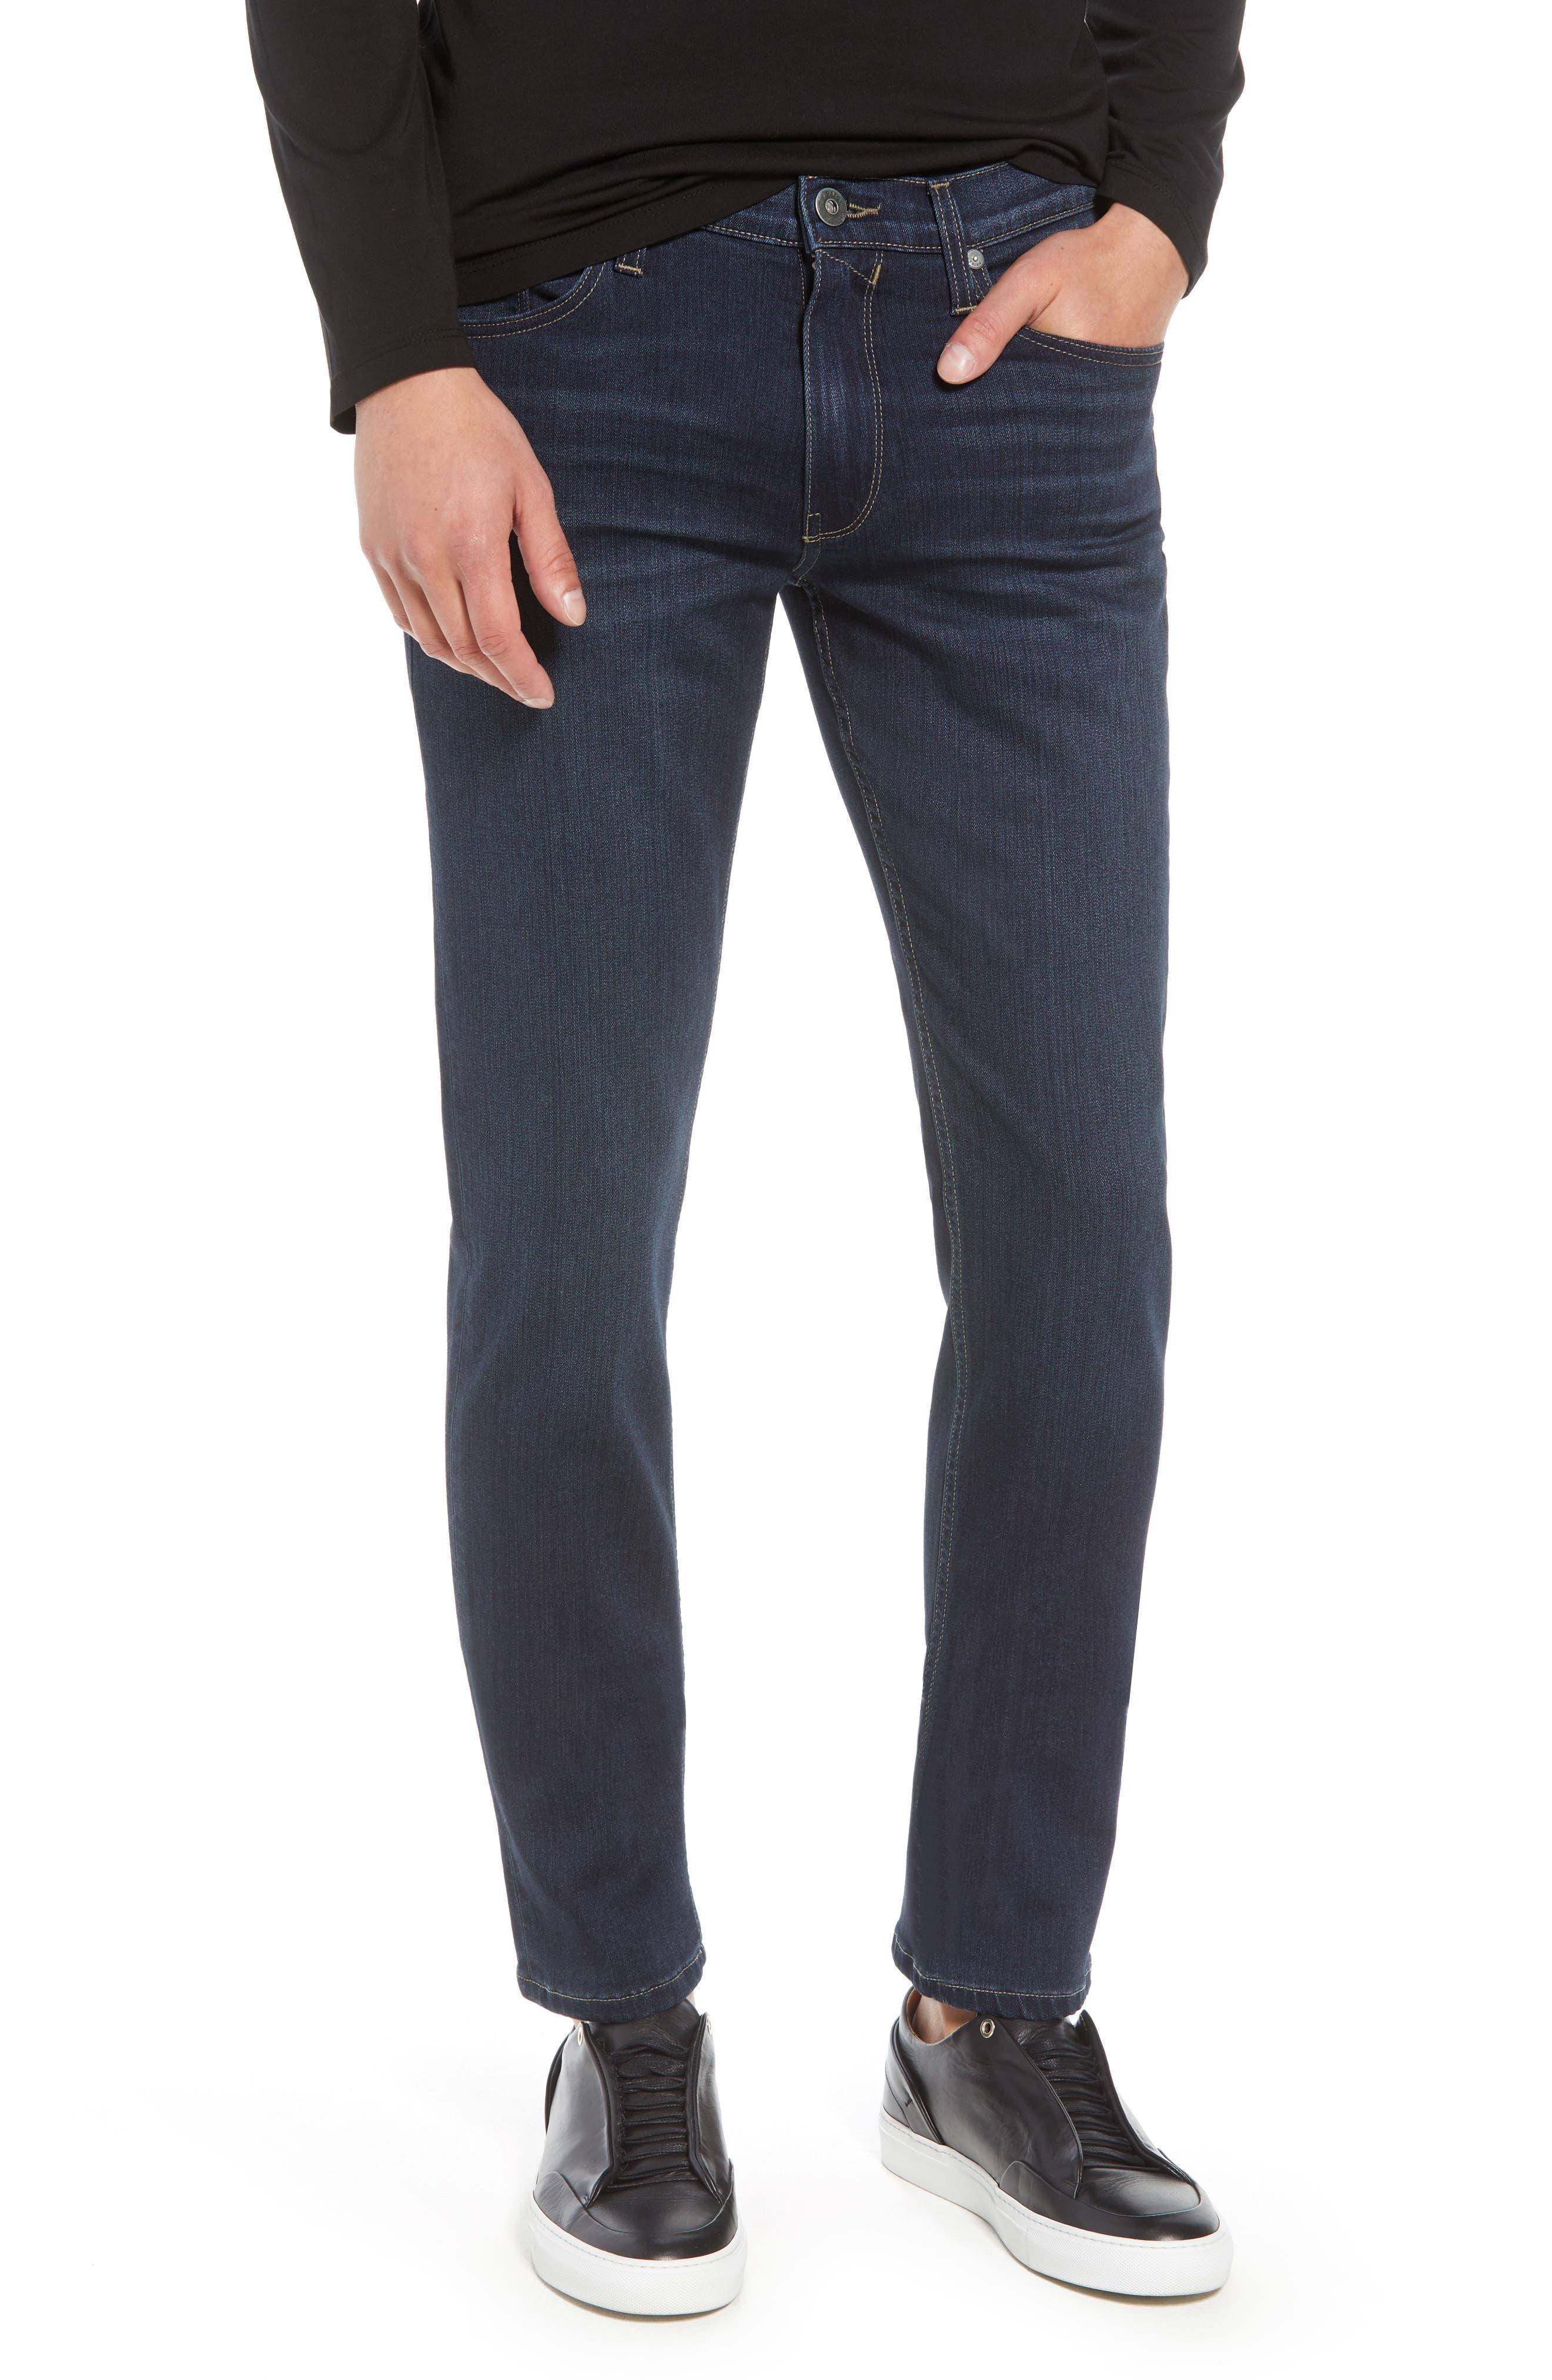 Transcend – Lennox Slim Fit Jeans,                         Main,                         color, HALE